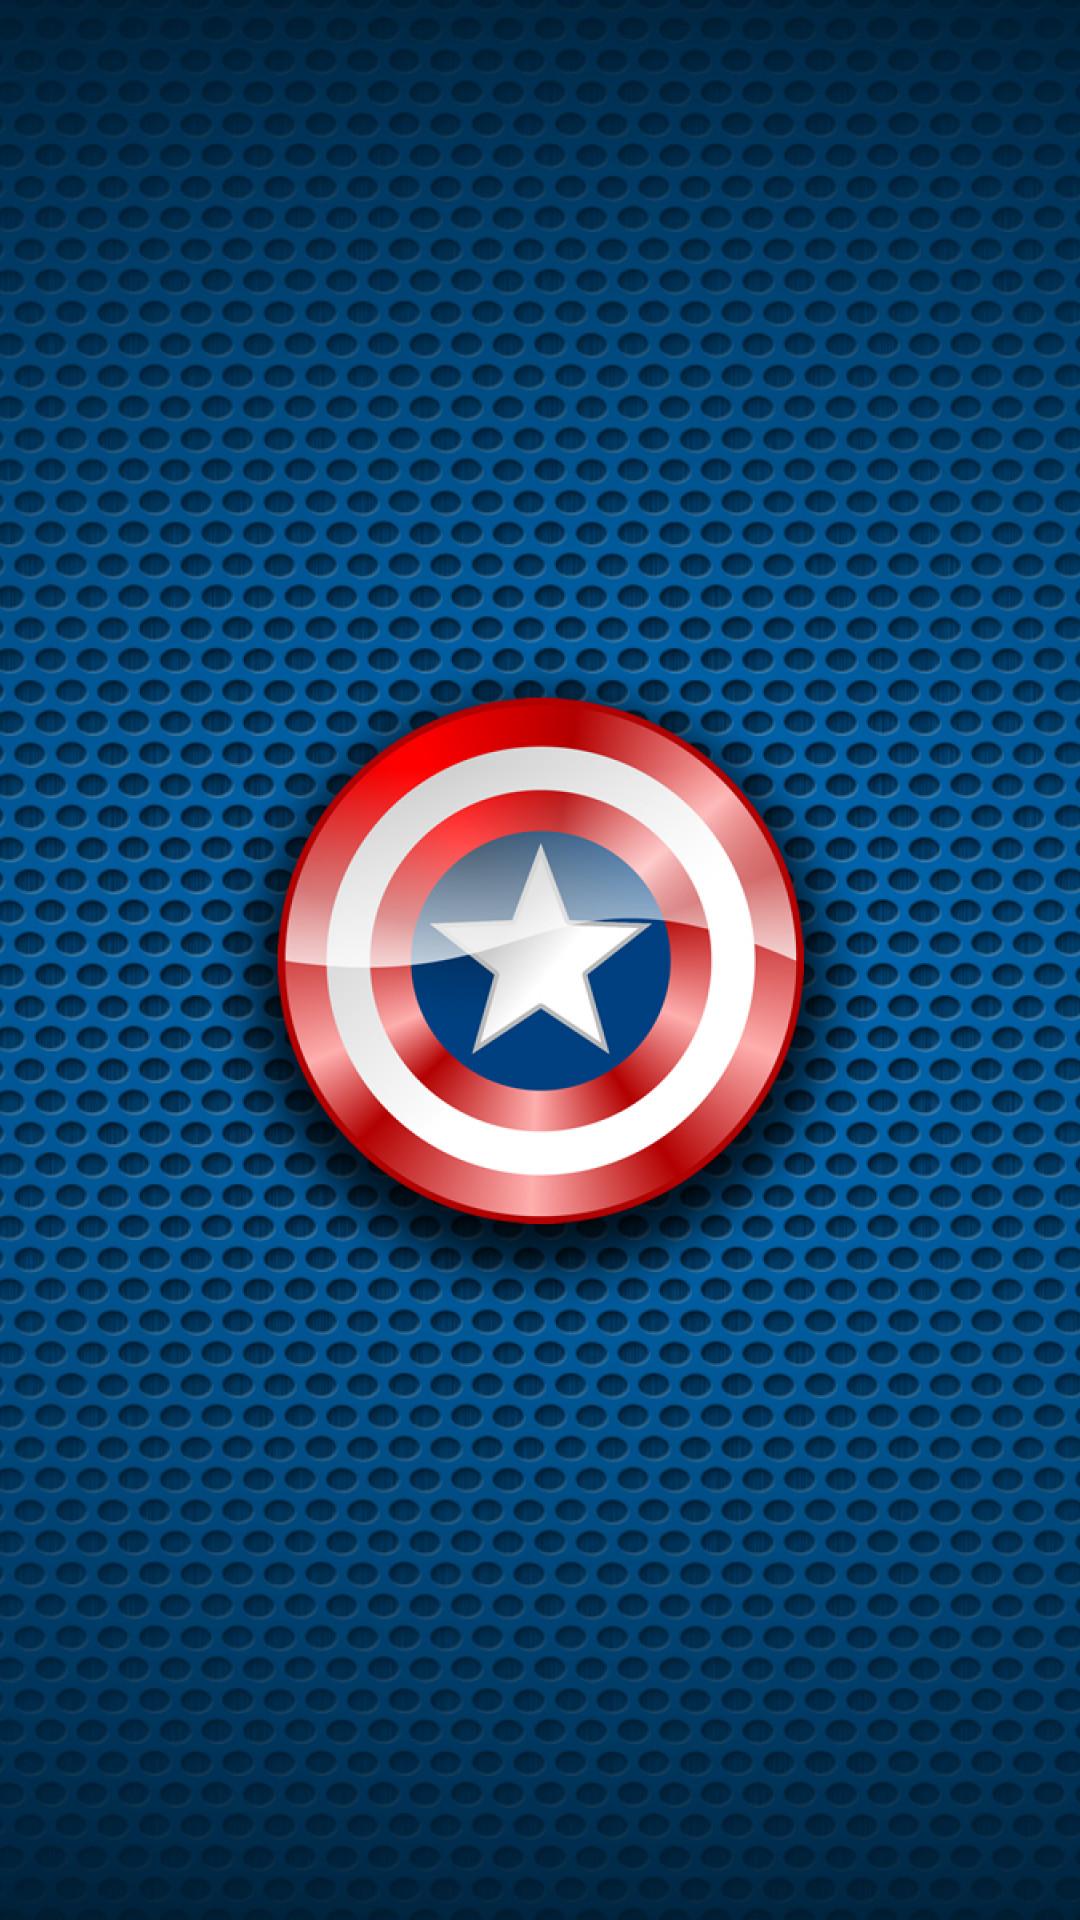 キャプテン アメリカマーベルコミックスブルーiphone 8 Plus壁紙